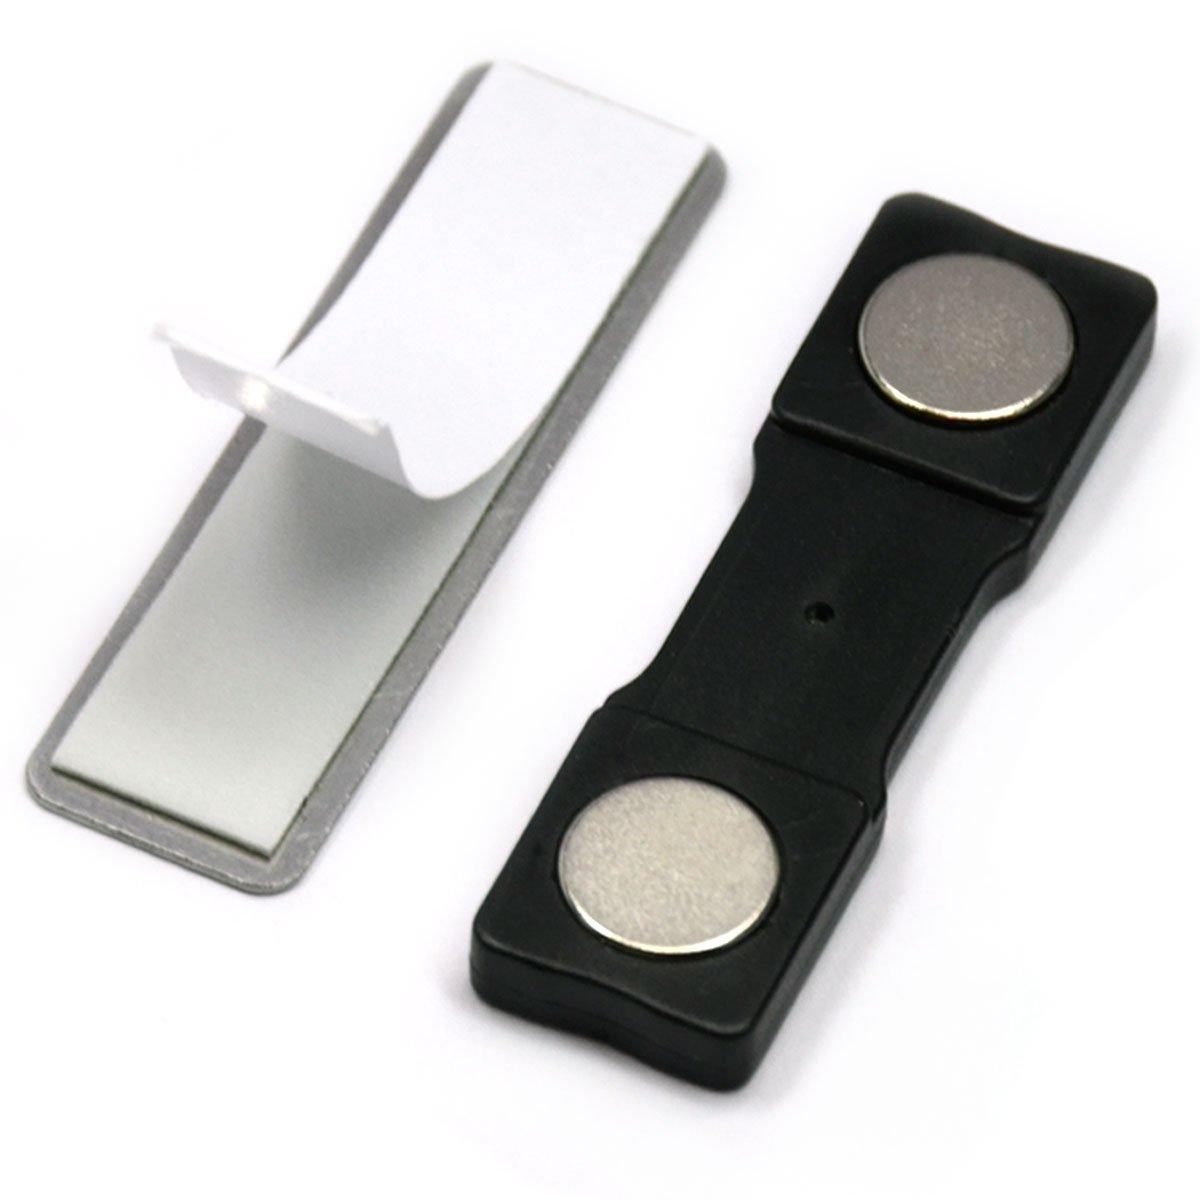 CMS Magnetics Name Badge Magnets Model BM-2Mag-2, 100 Sets